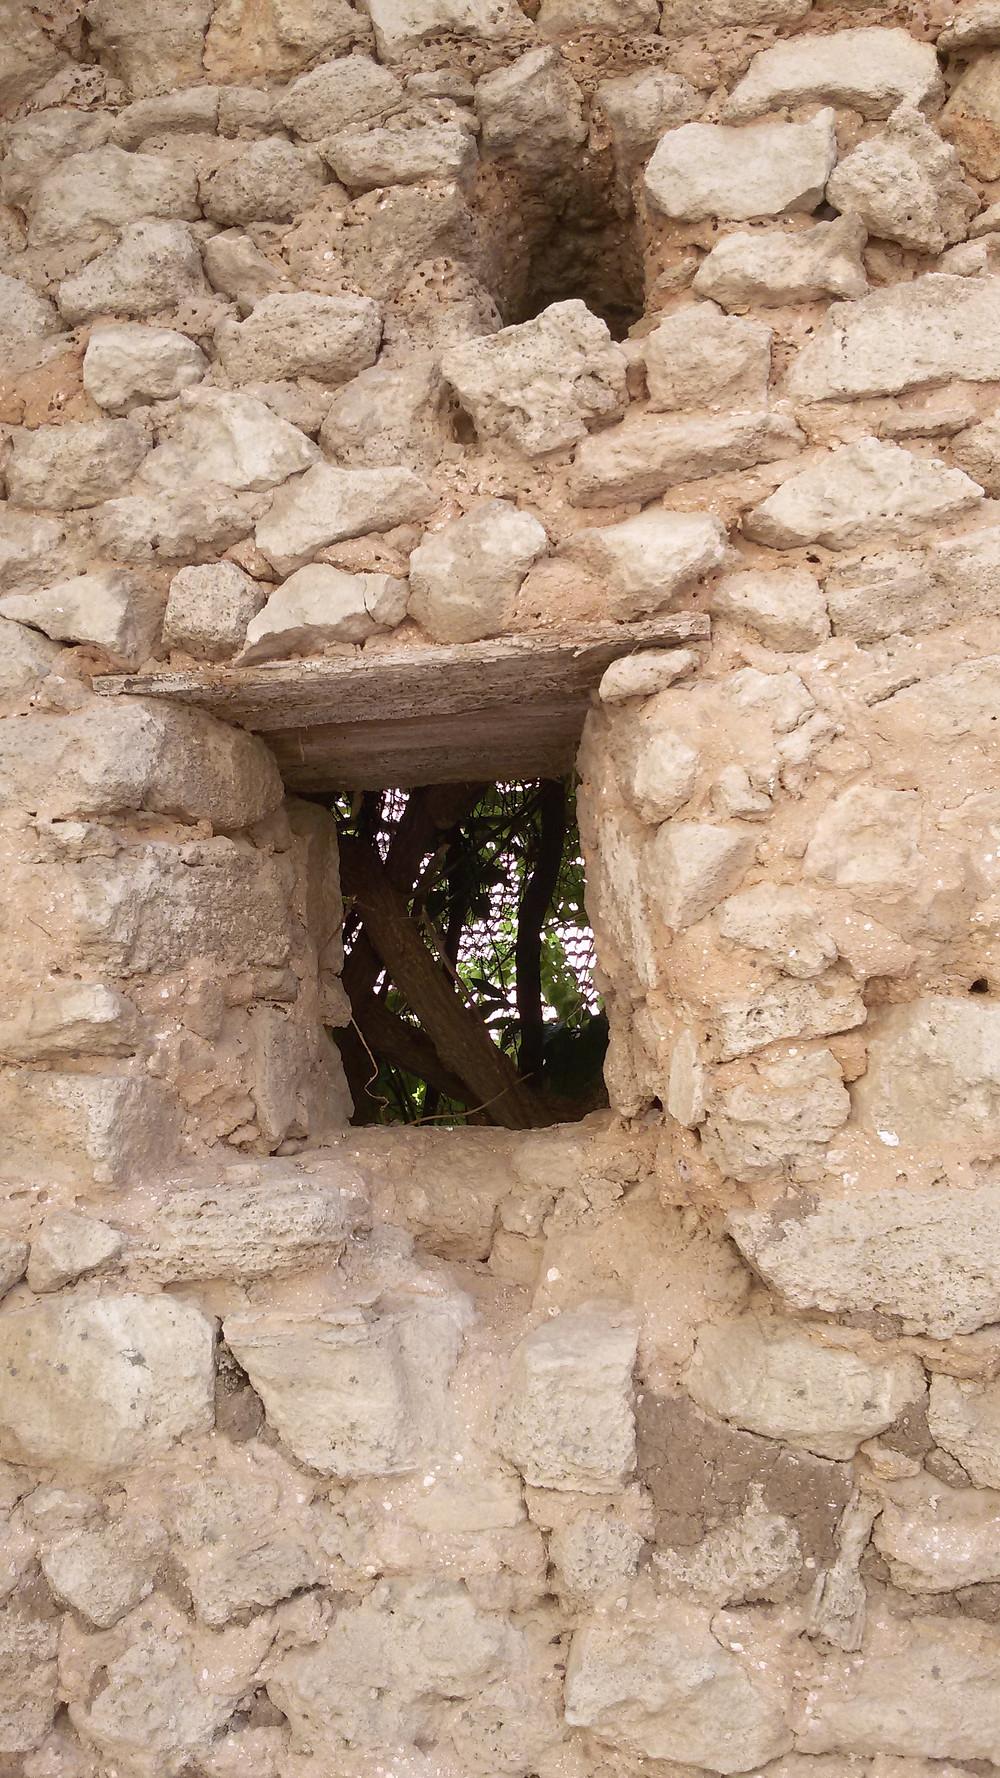 חומת גדרה הבנויה באבנים שלוקטו באזור